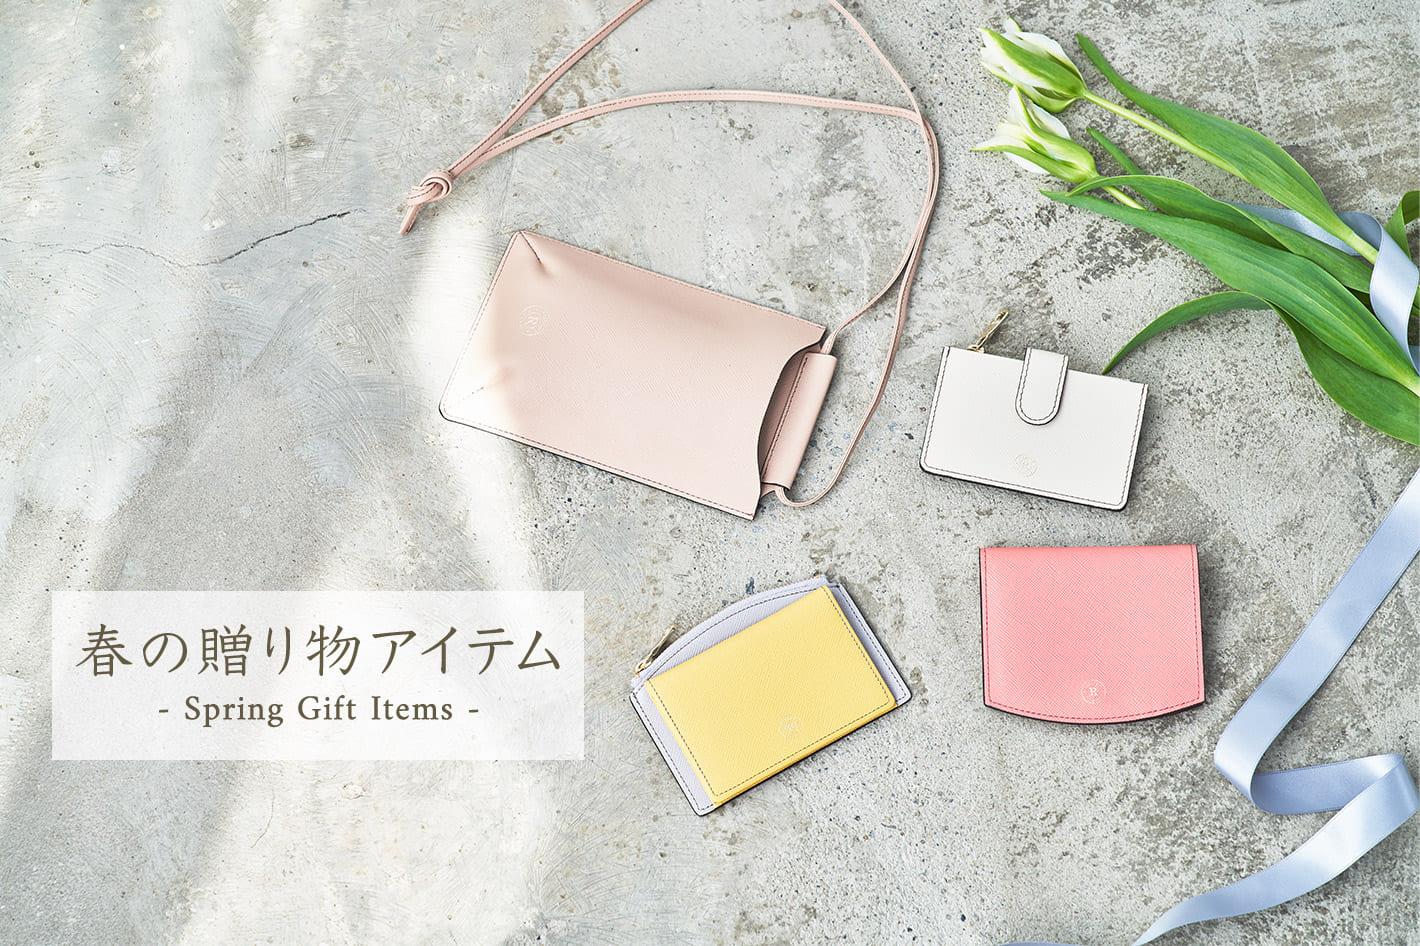 russet 春の贈り物アイテム -Spring Gift Item-